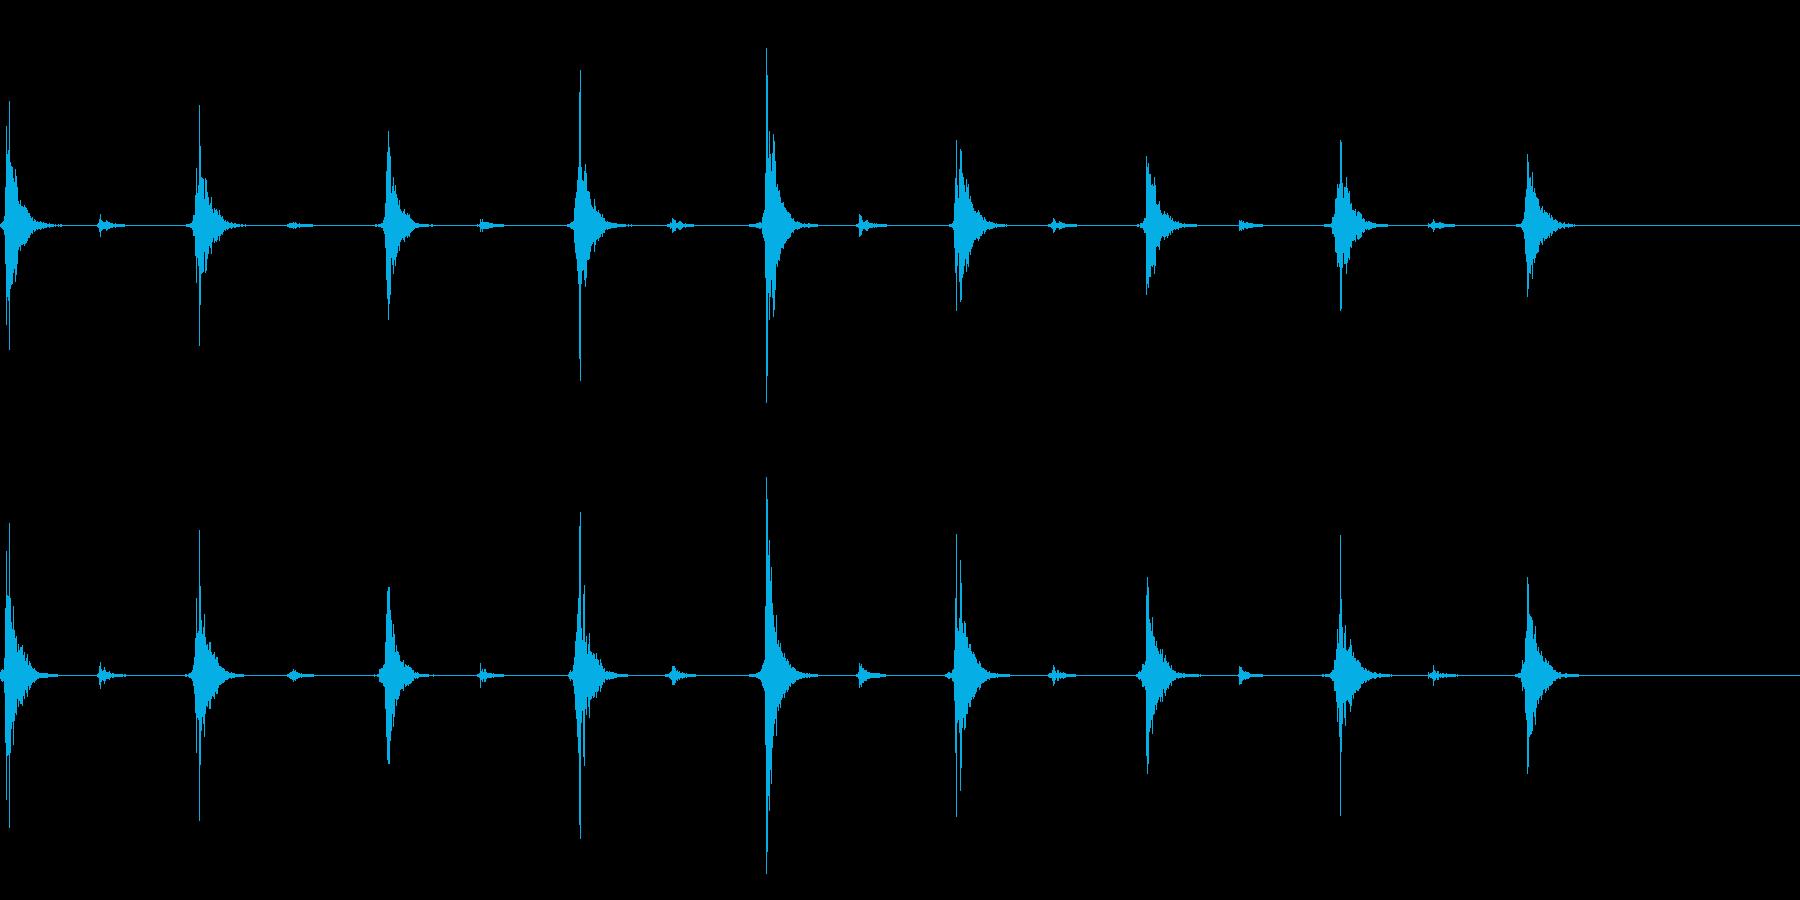 時計 秒針のリアルな効果音 01の再生済みの波形